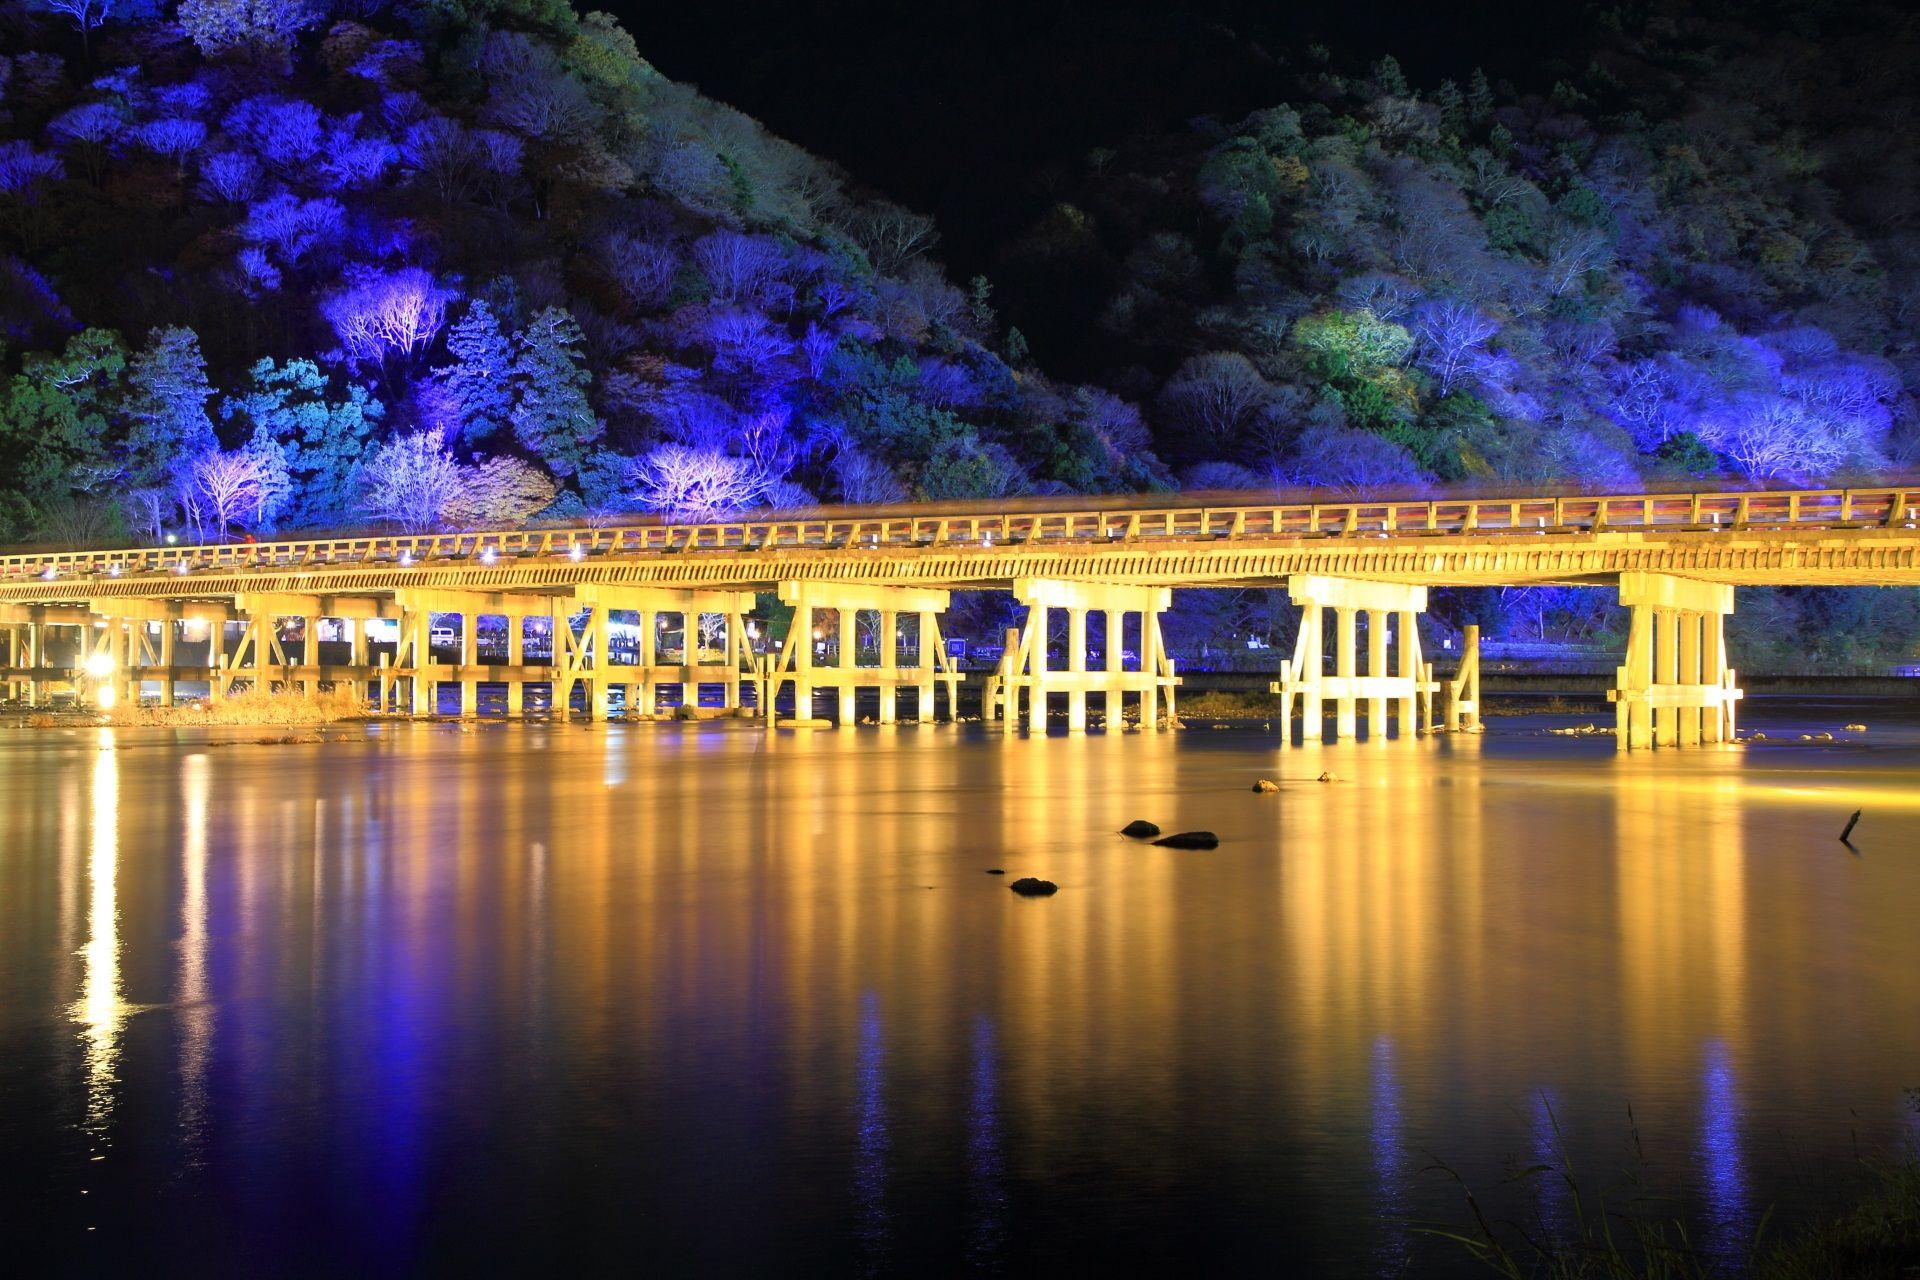 嵐山花灯路 渡月橋と保津川 冬を彩る幻想的なライトアップ